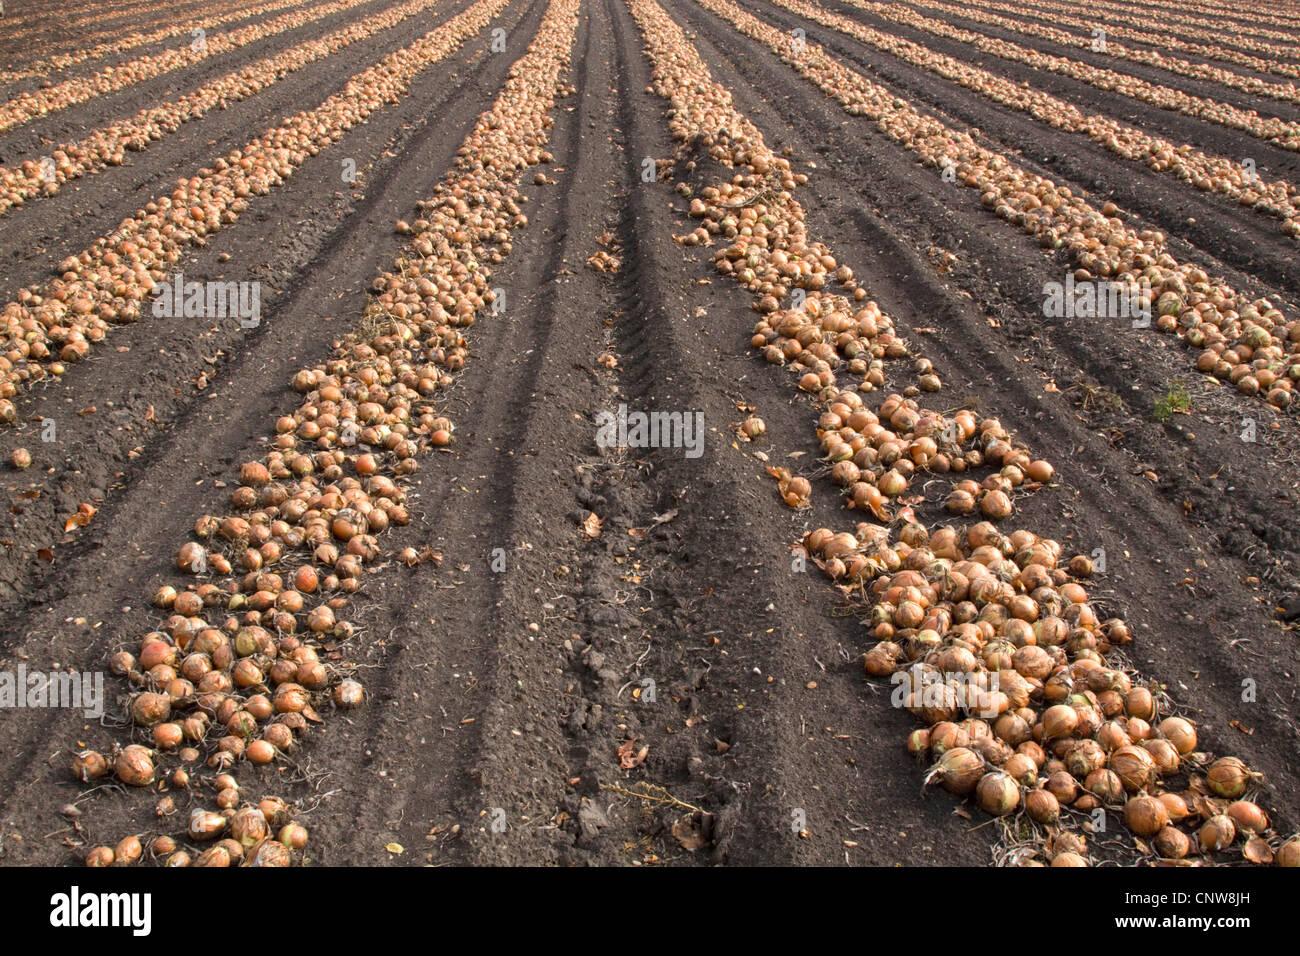 Garten-Zwiebel (Allium Cepa) geernteten Zwiebeln liegen in Reihen auf ein Feld für die Trocknung, Österreich, Stockbild